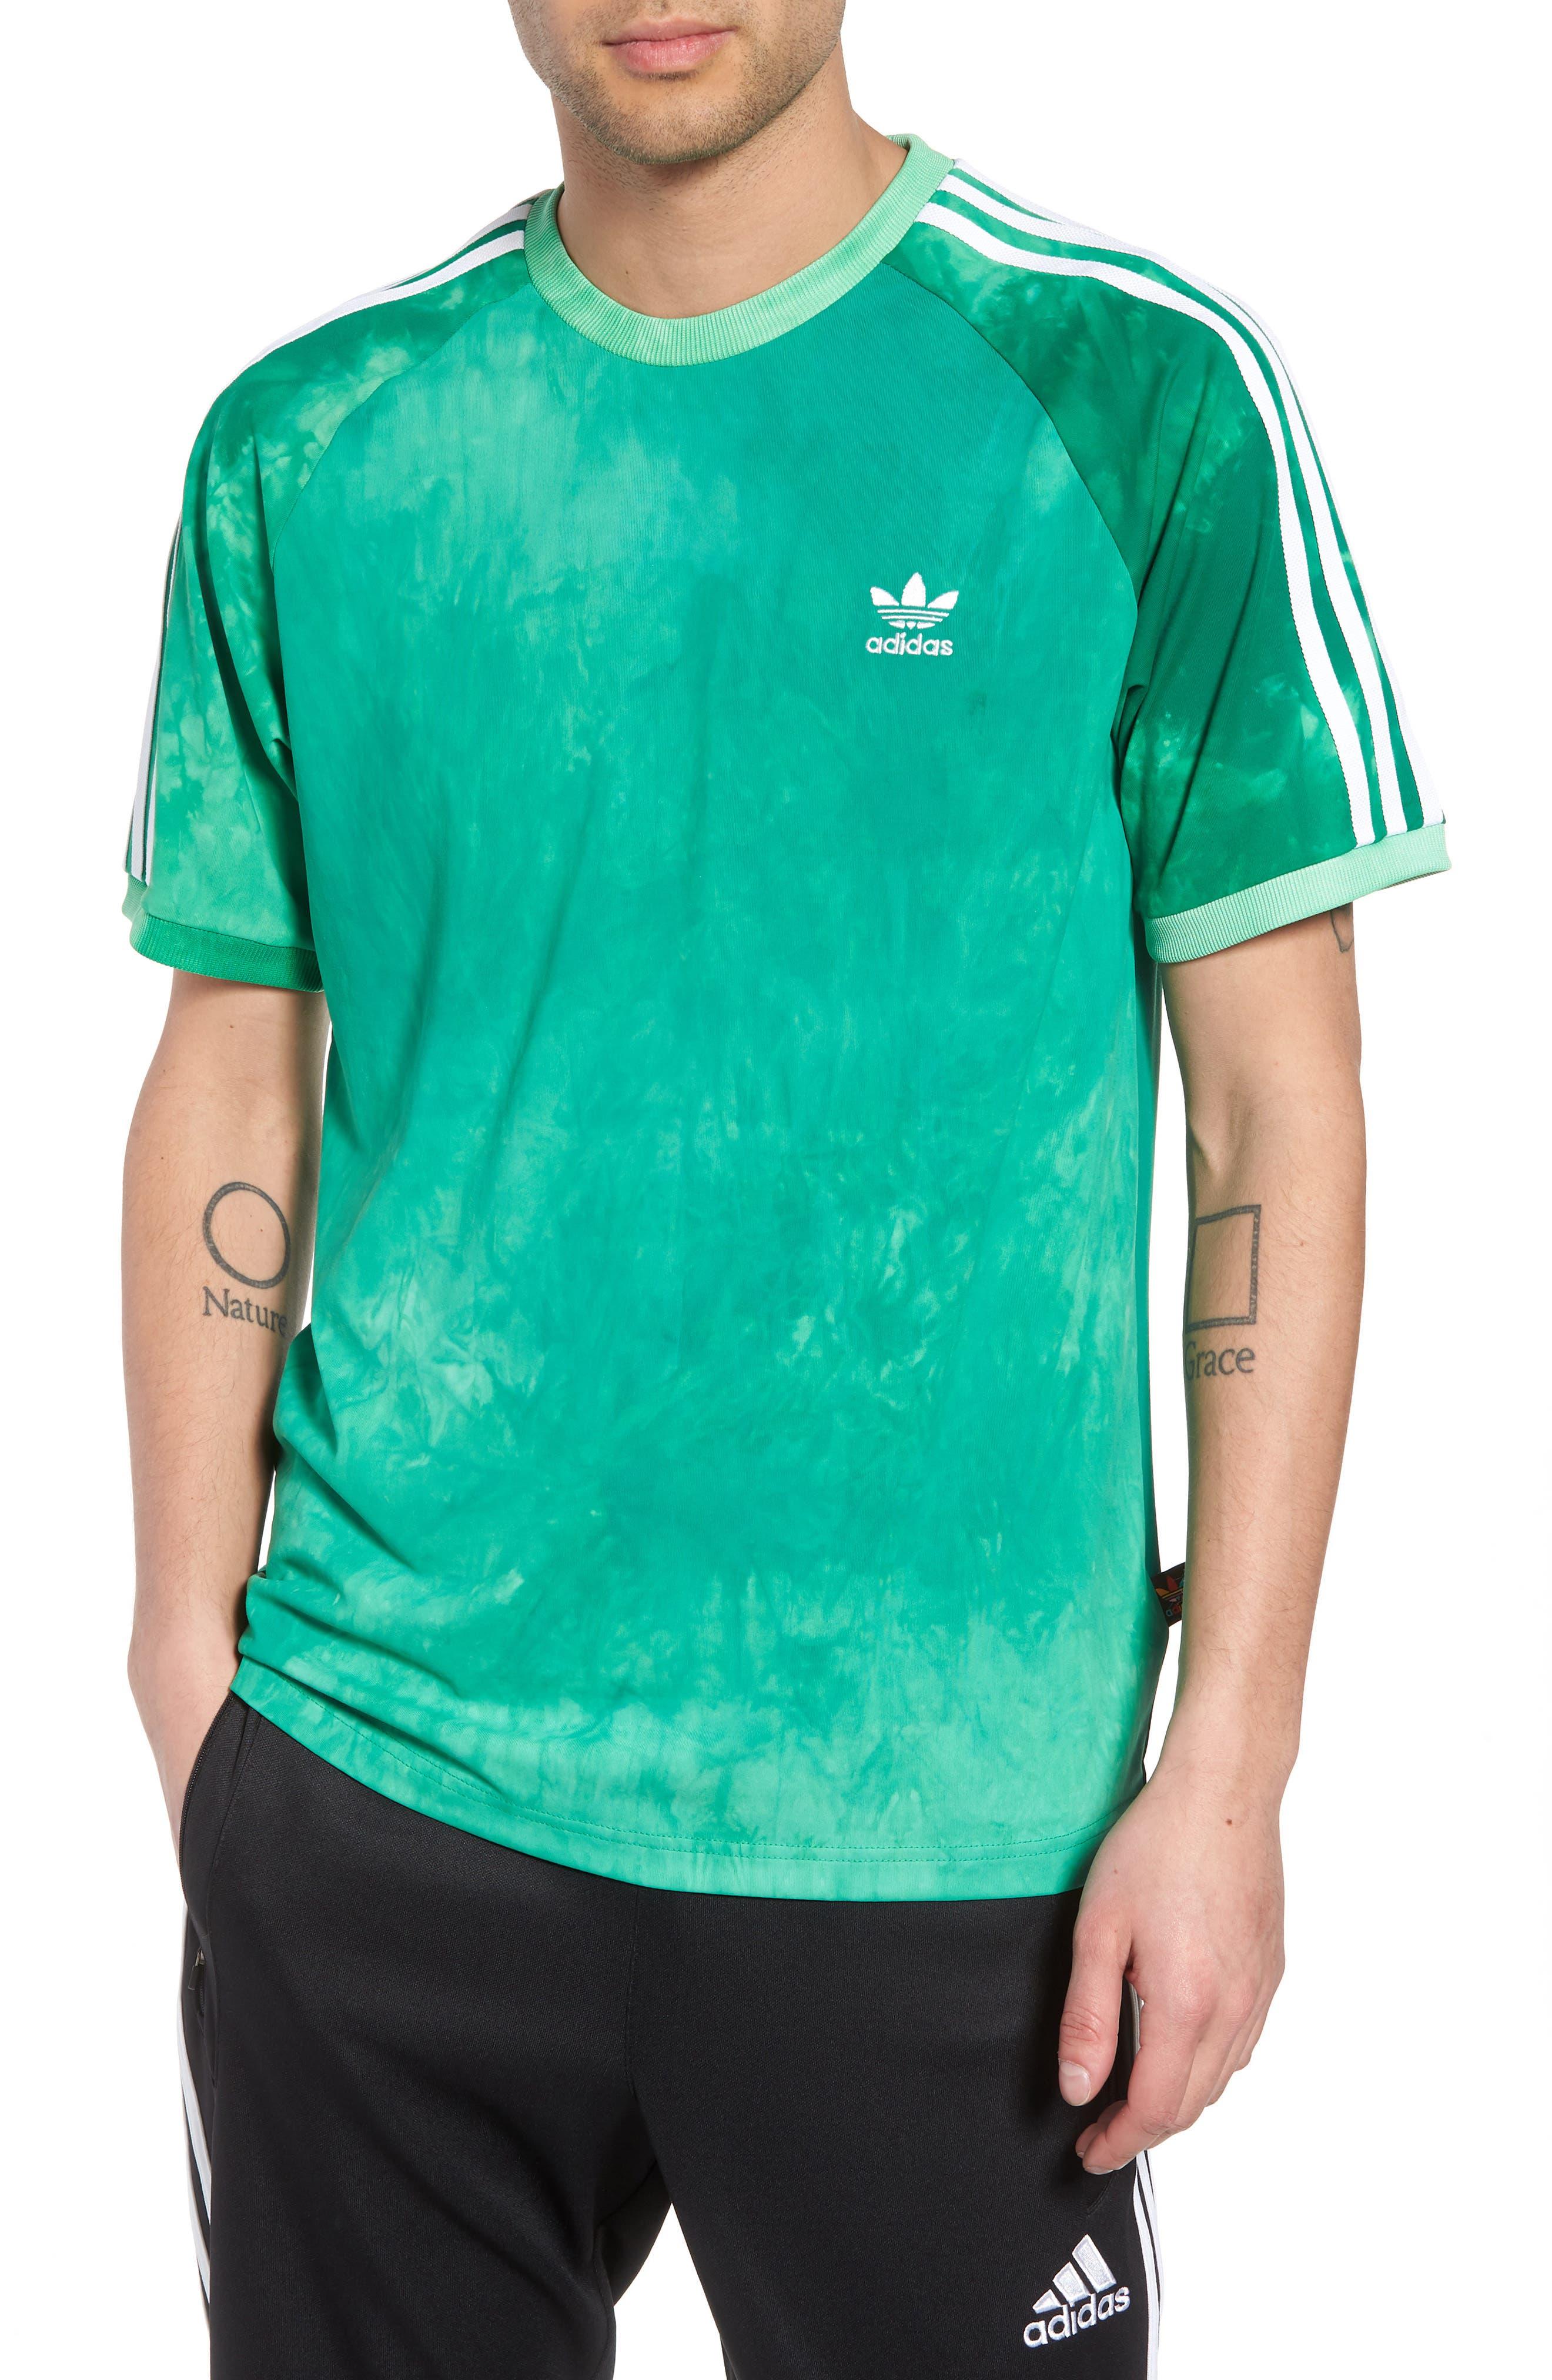 ADIDAS ORIGINALS Hu Holi T-Shirt, Main, color, 360